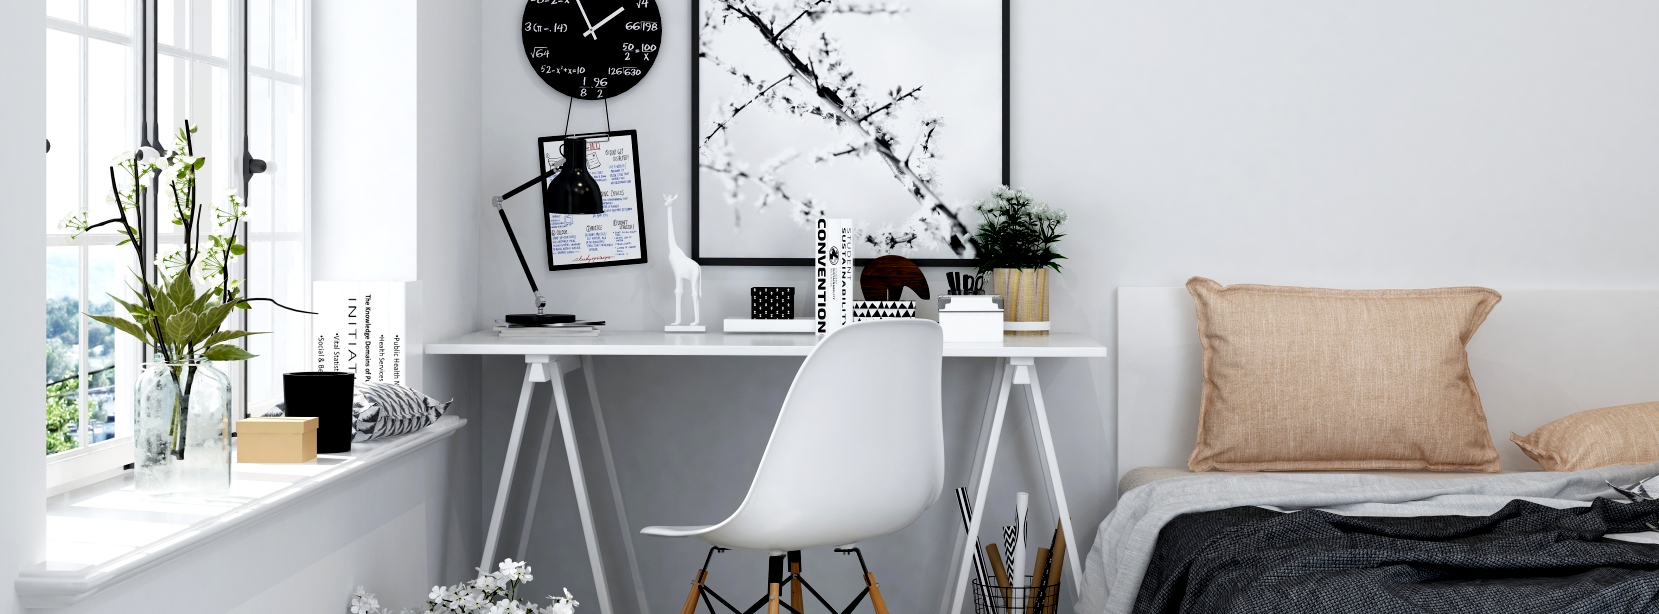 ワークスタイル ✕ ライフスタイル (1) ~ 生活パターンとリズムを考える ながらすたいる・えっくす www.bixlix.com